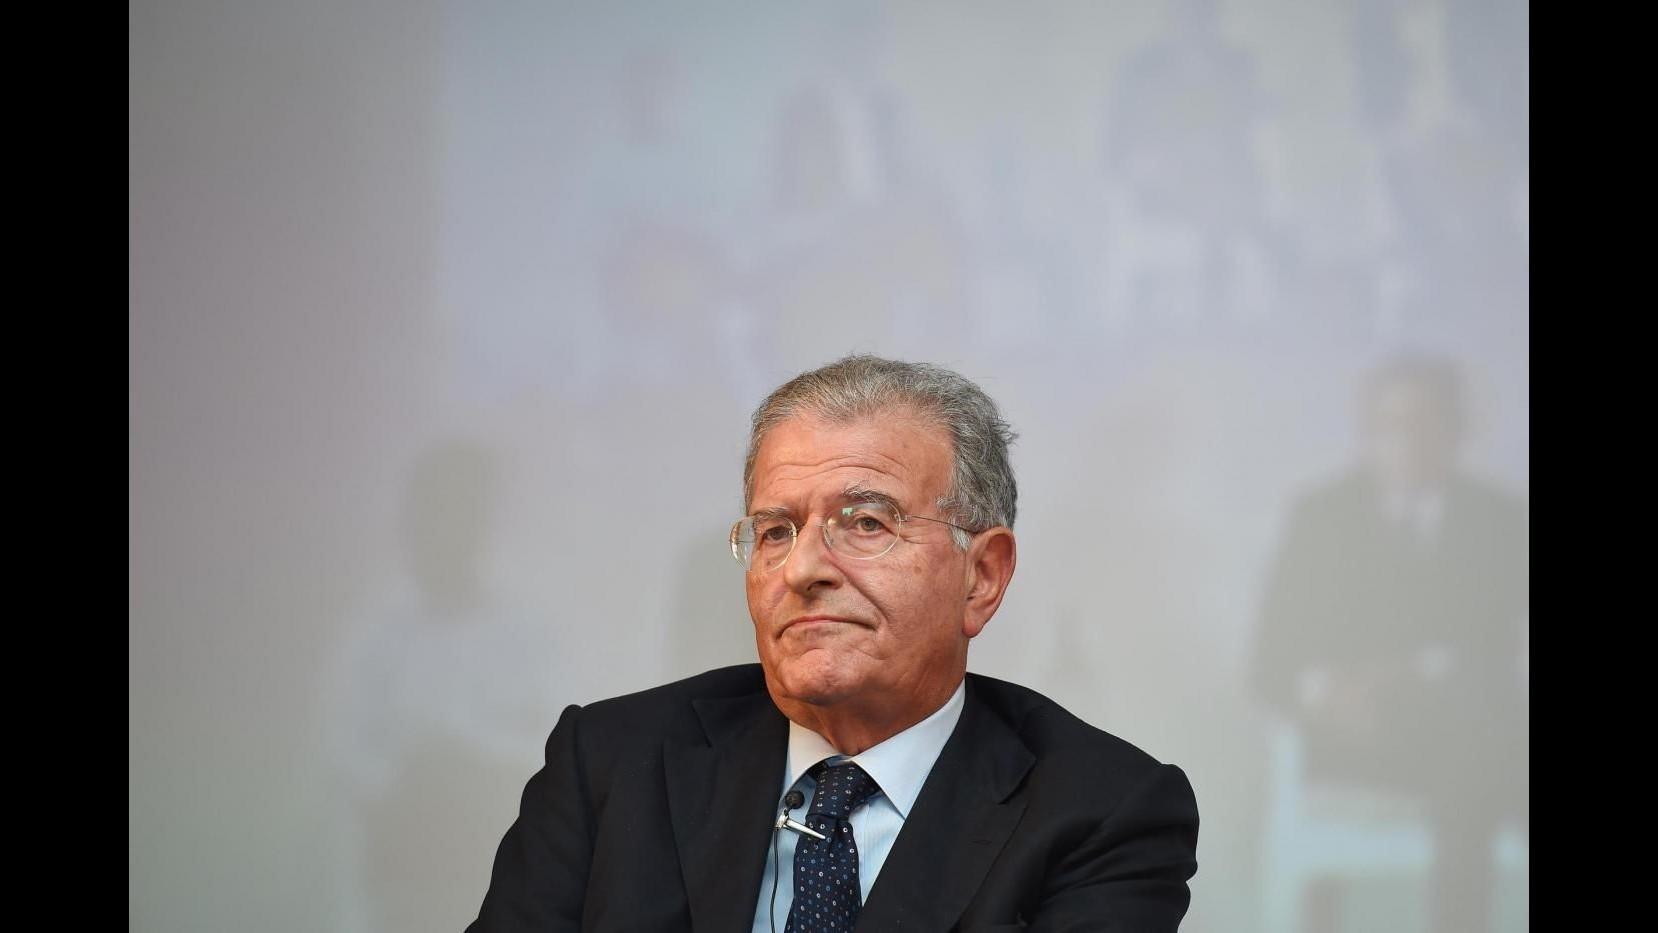 Doping, Cicchitto: Non liquidare casi con teoria del complotto